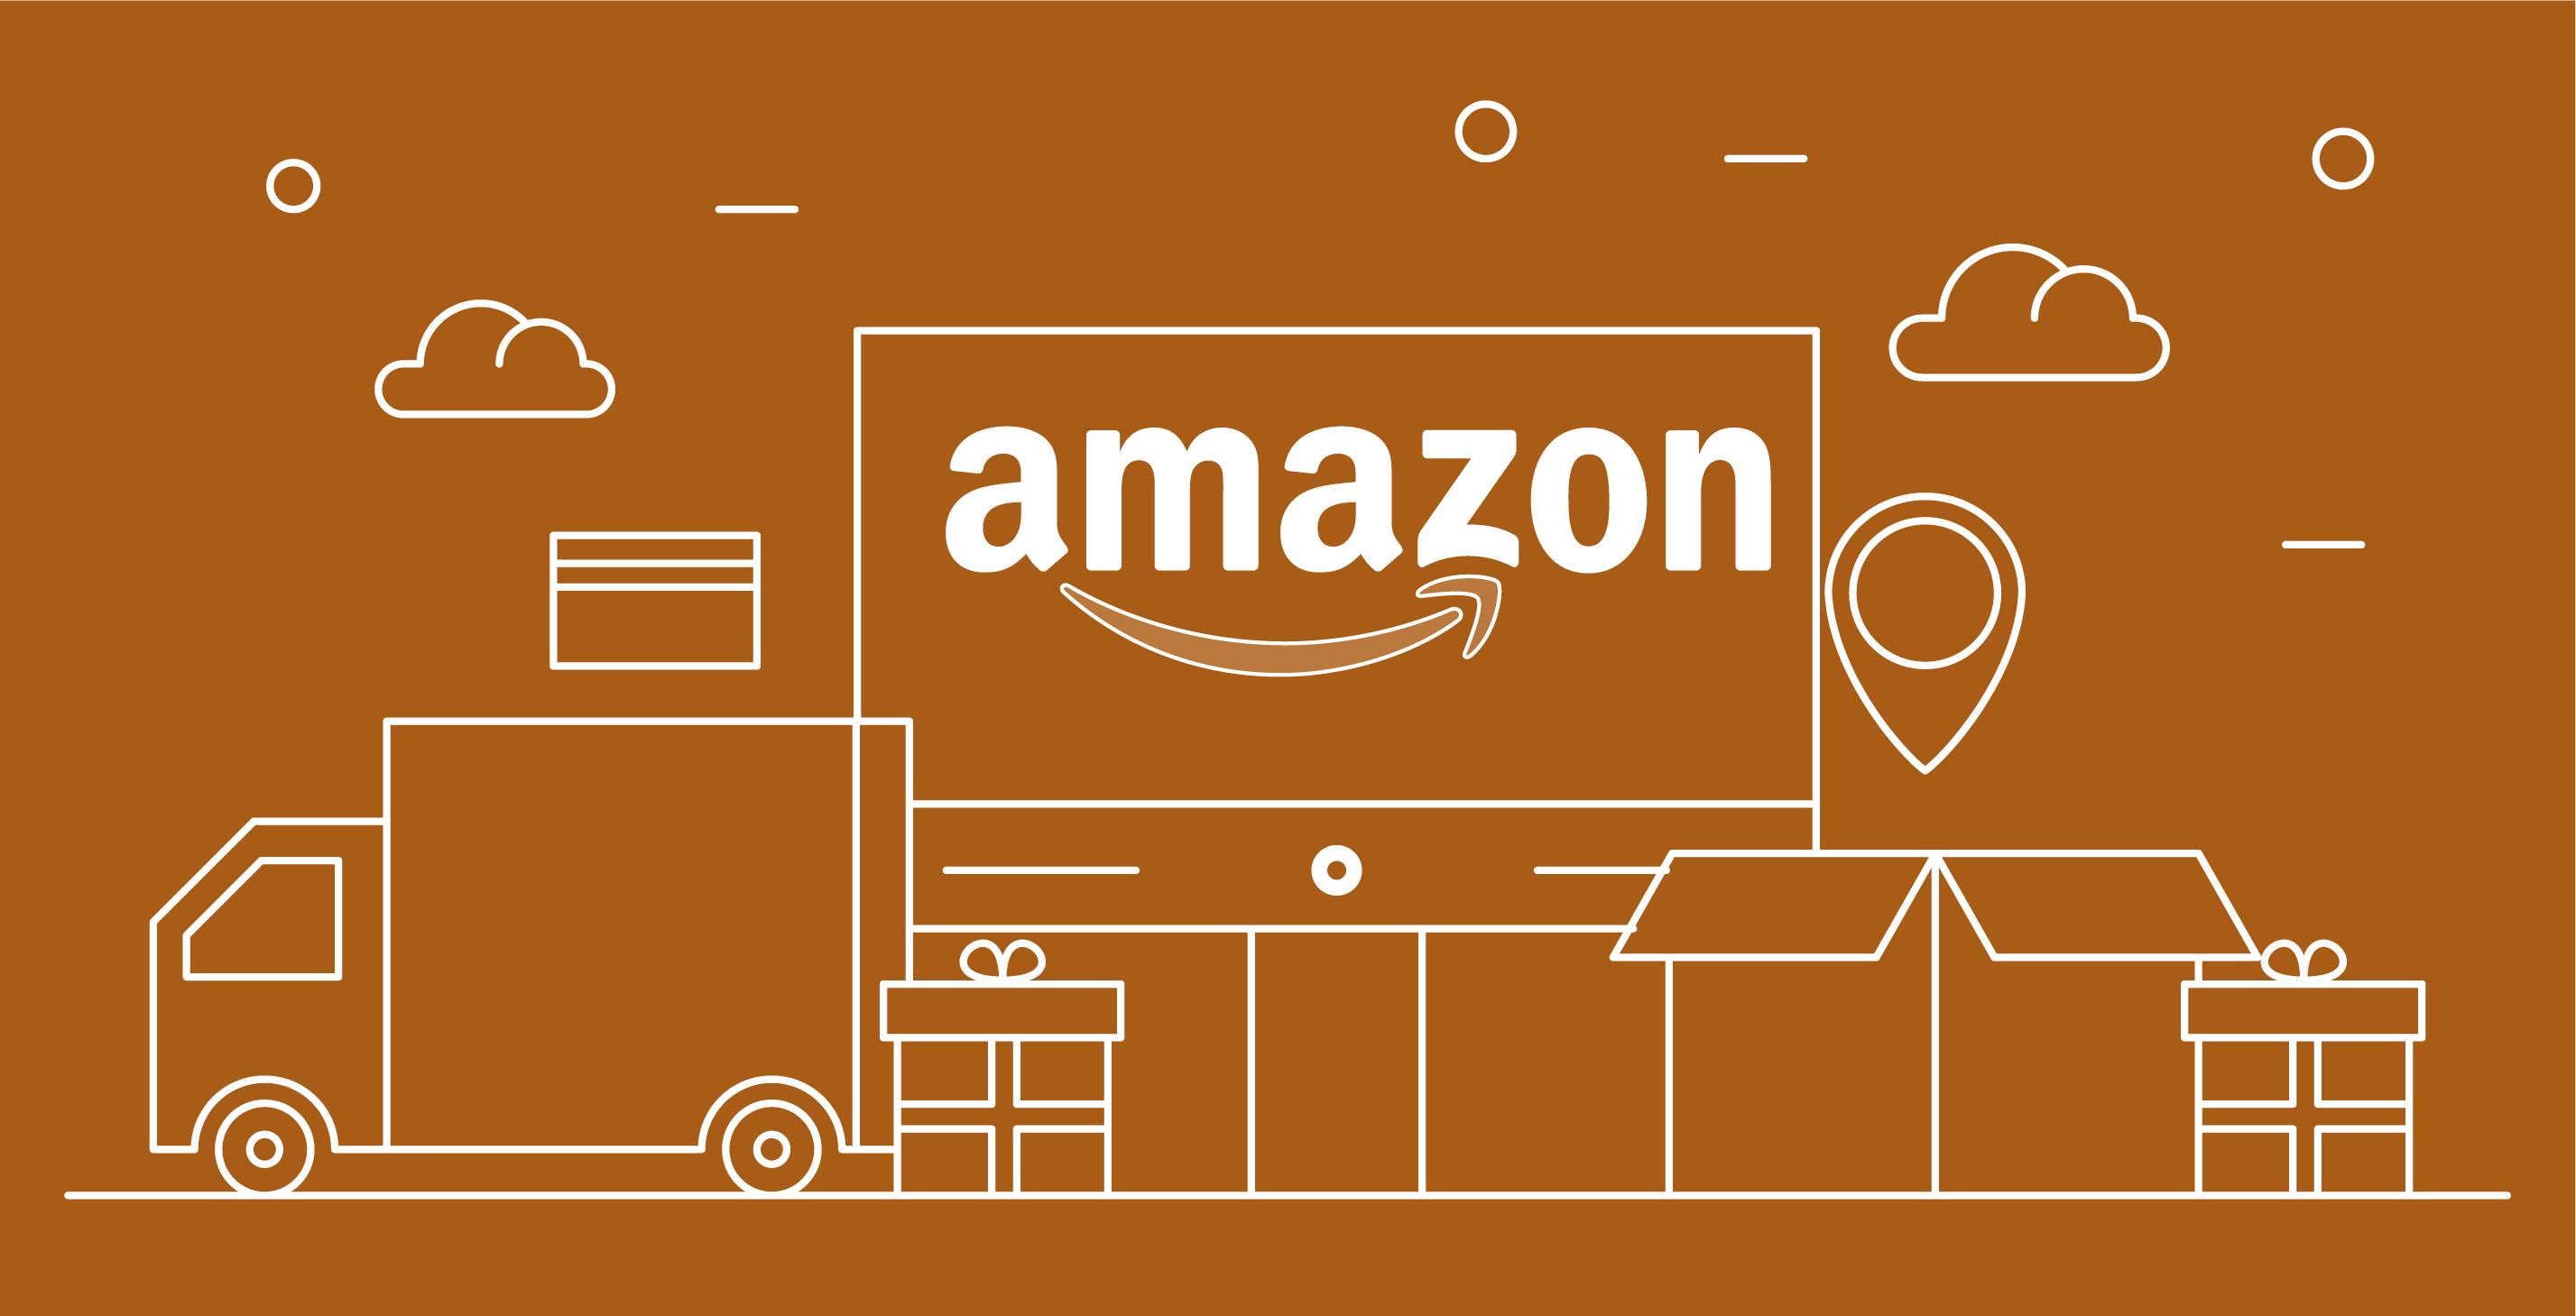 realizzare sito e-commerce e portarlo su Amazon